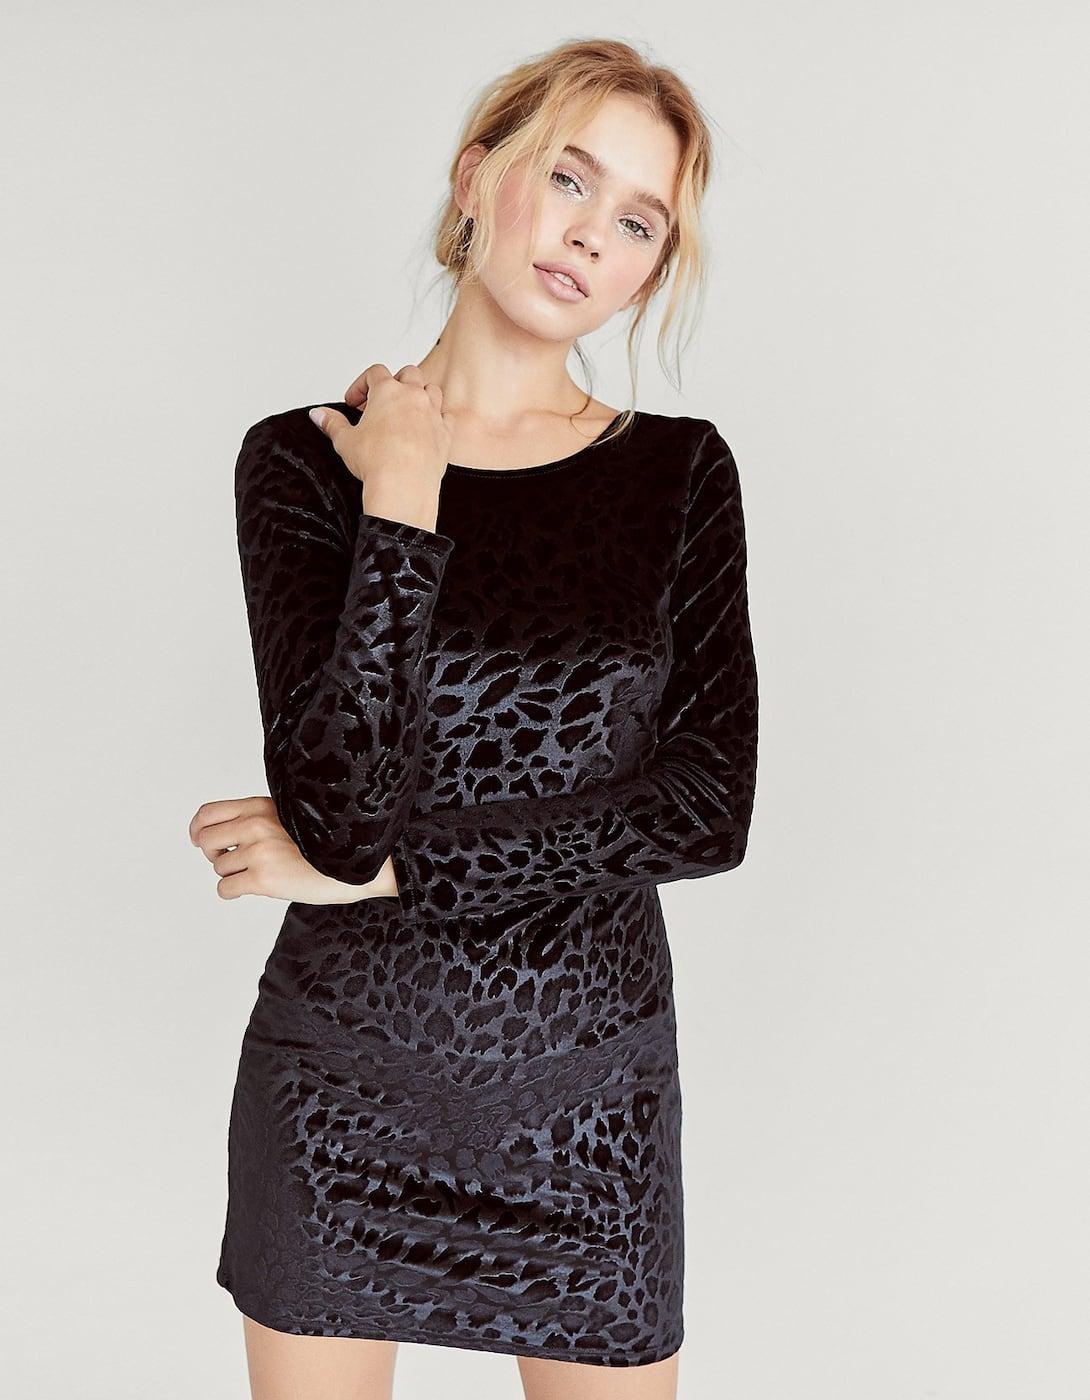 Leopard velvet dress